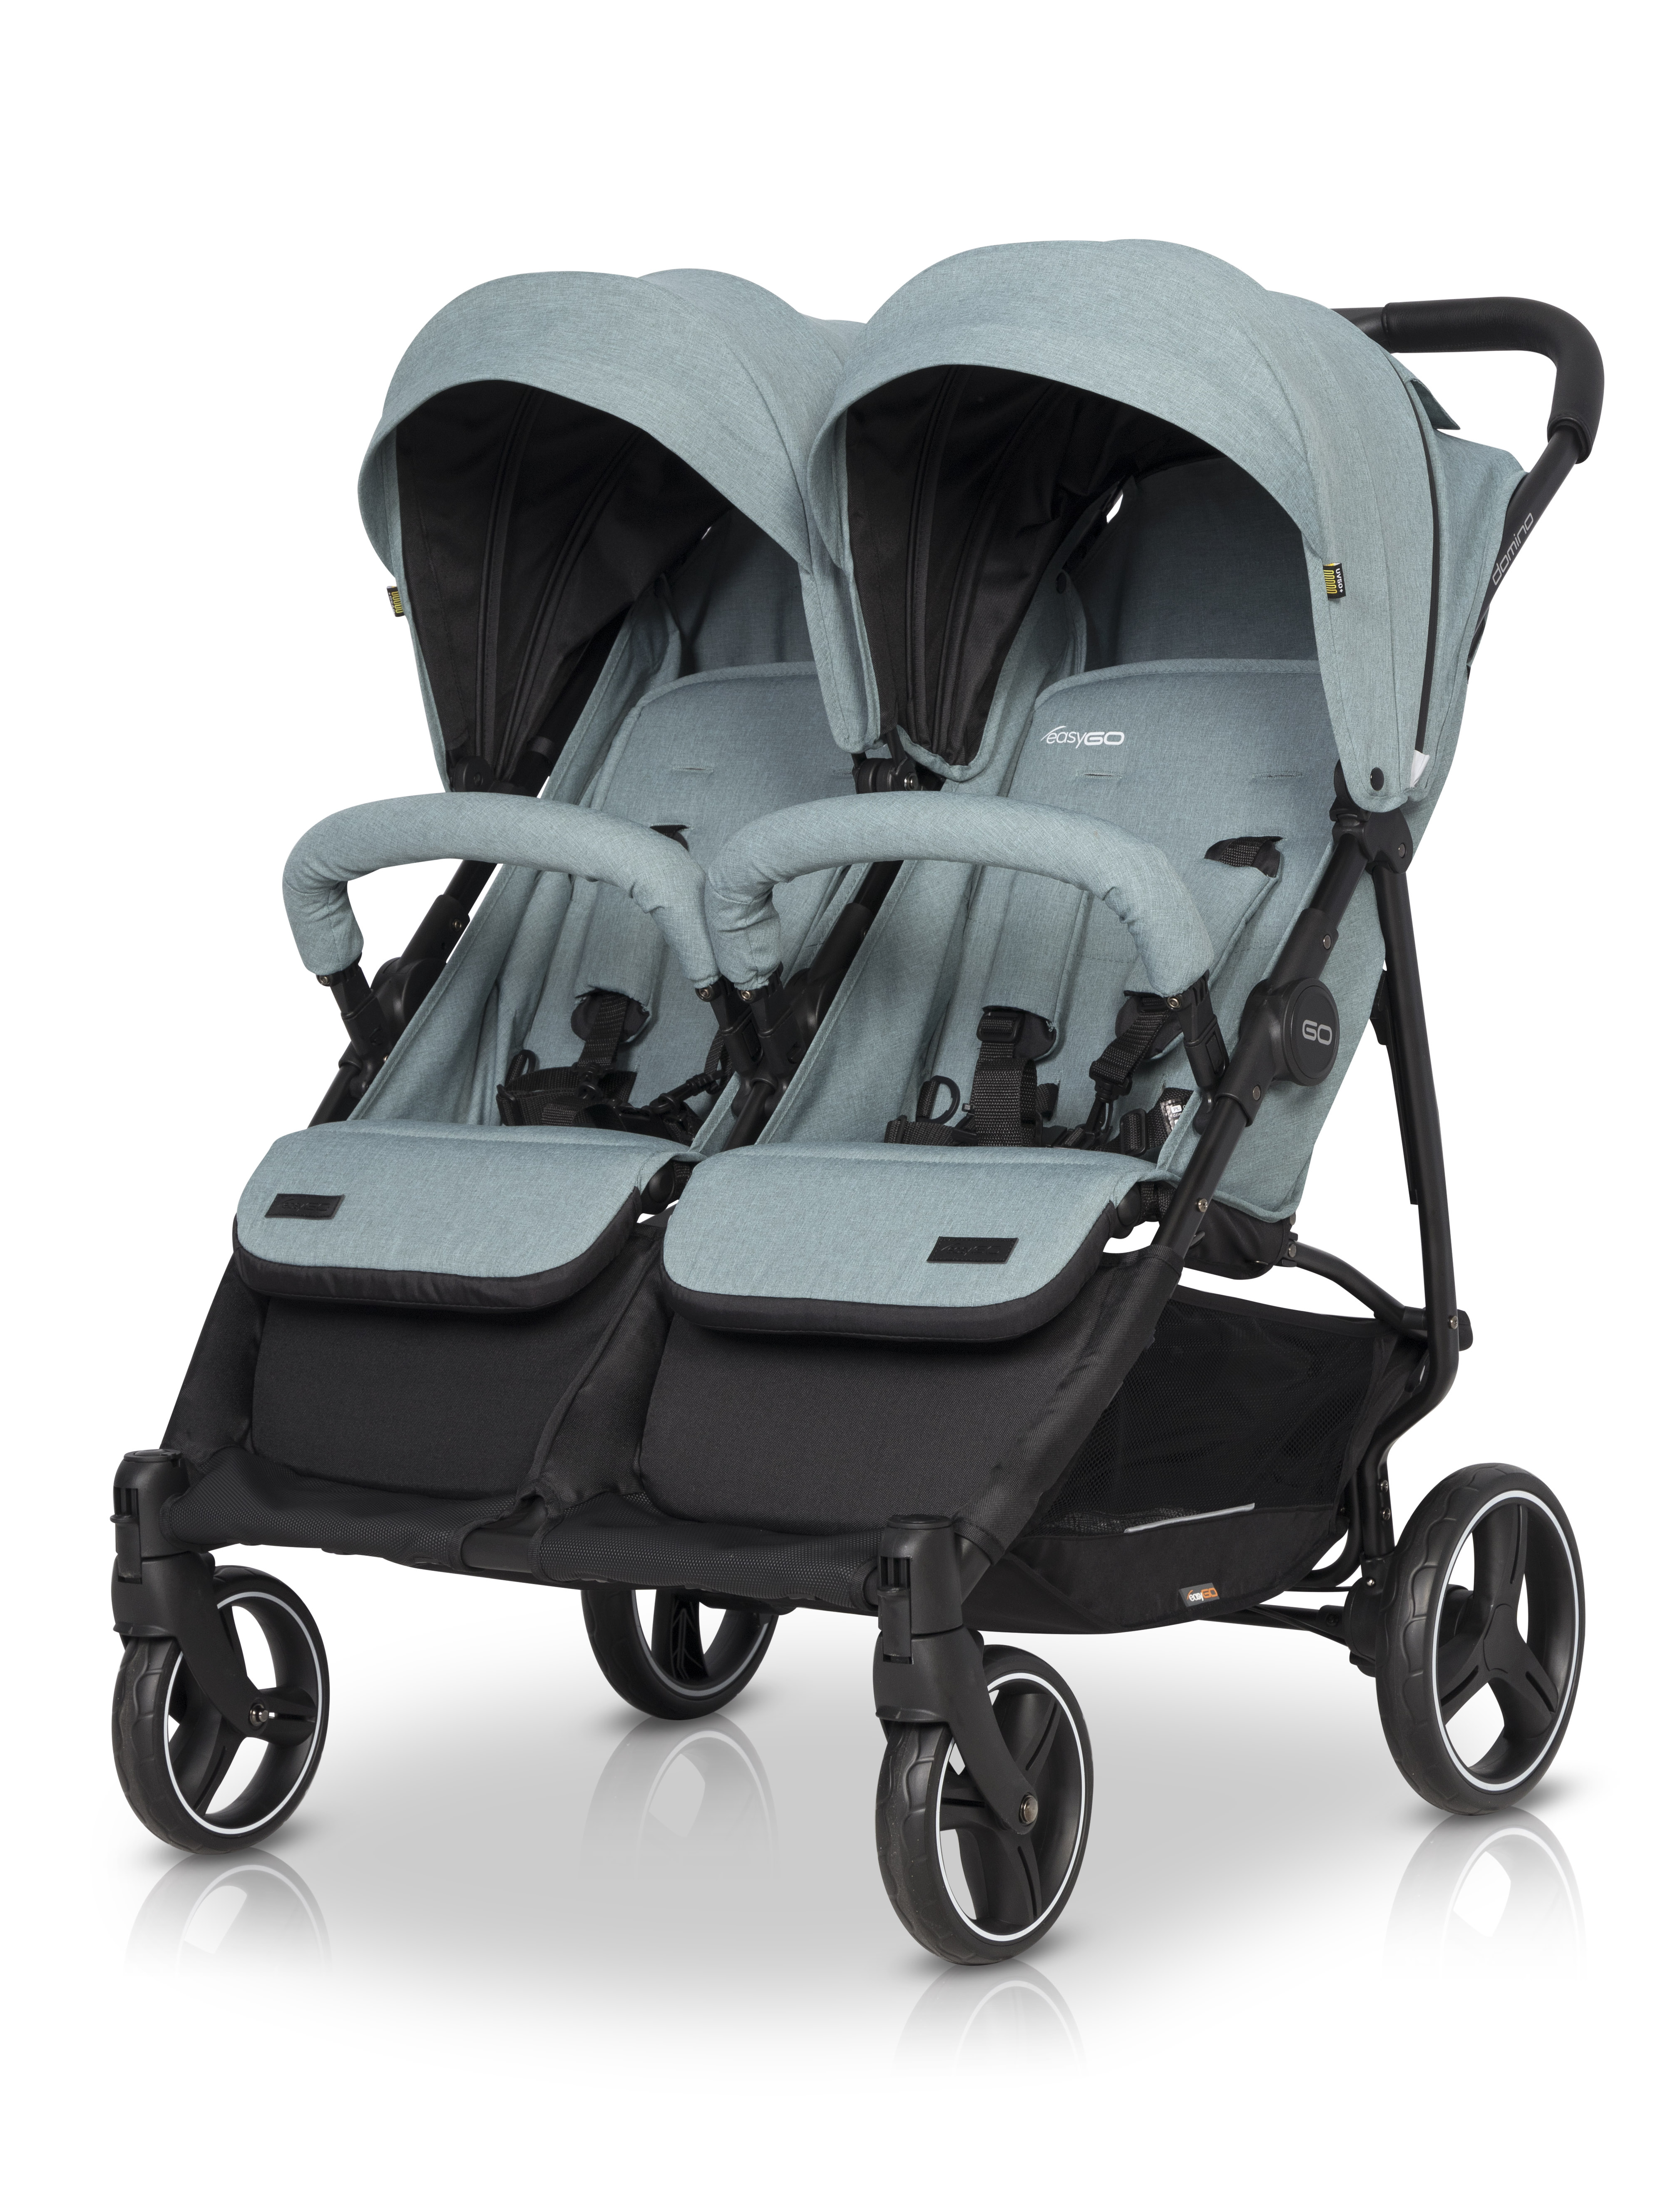 EasyGo Domino blixniaczy wózek dziecięcy mineral